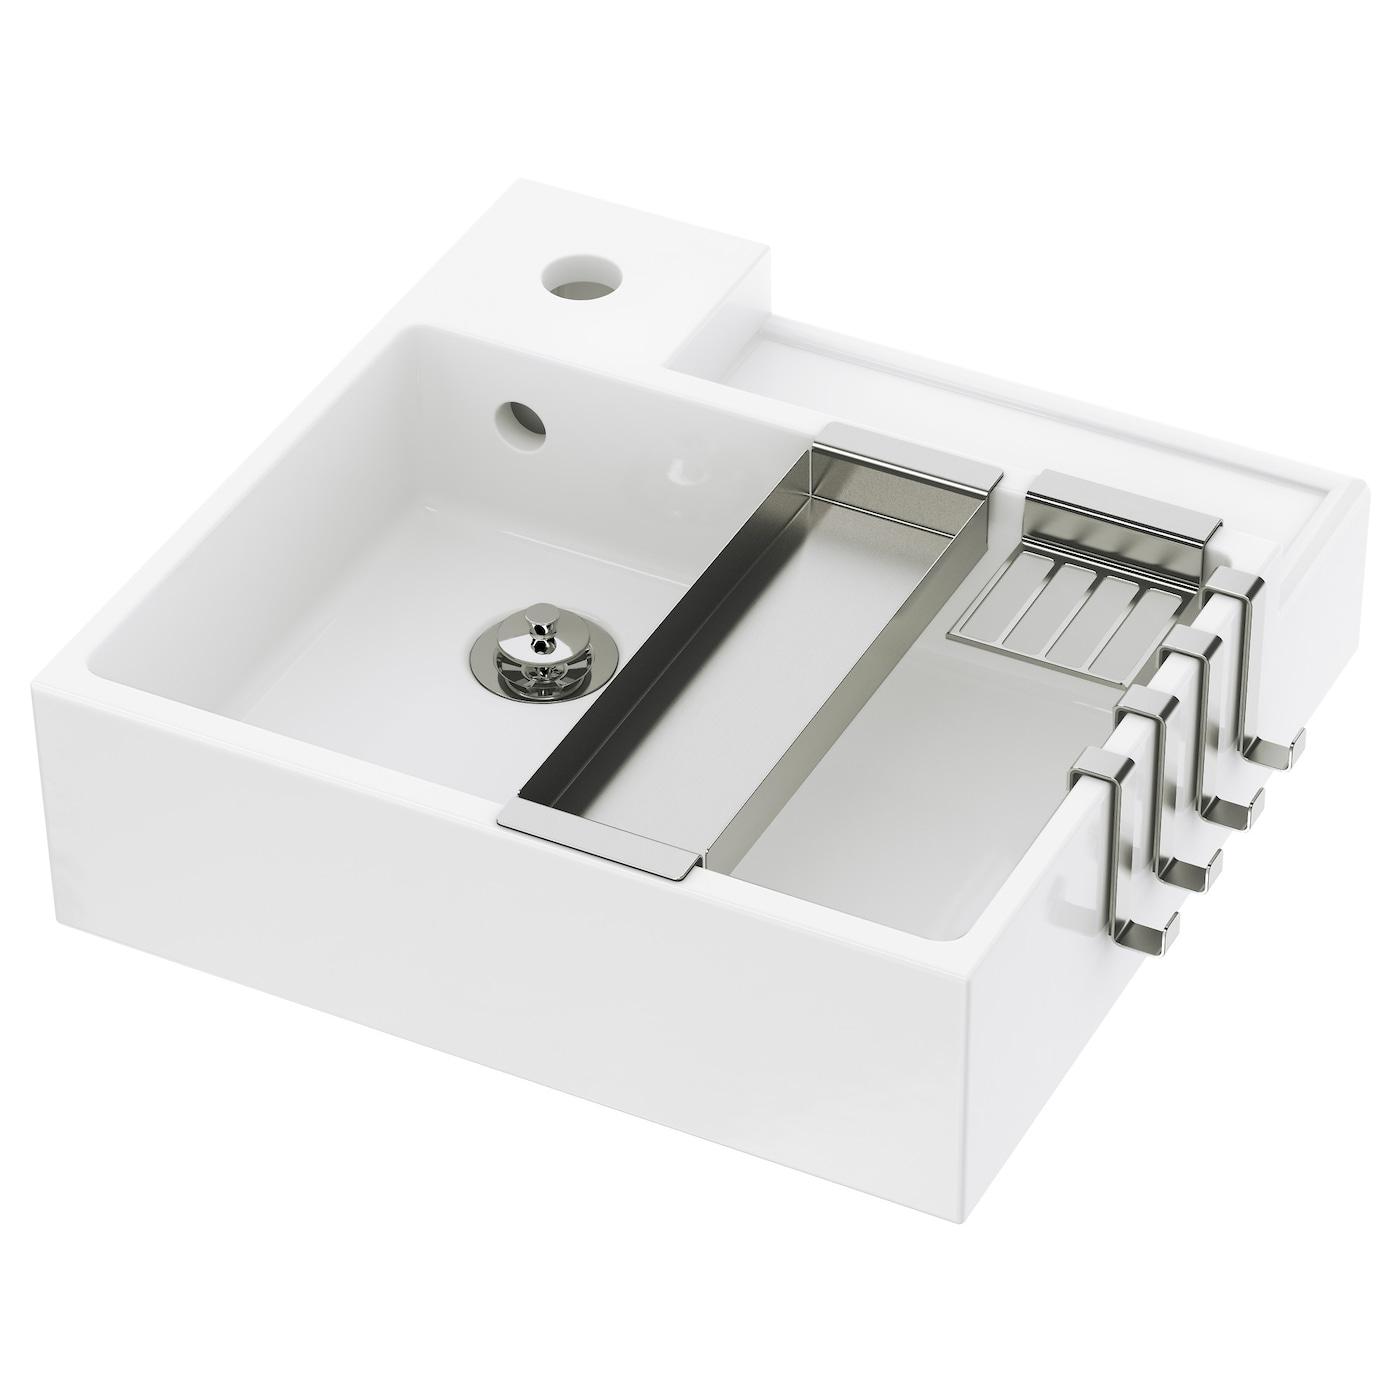 Waschbecken online kaufen m bel suchmaschine for Ikea bad waschbecken